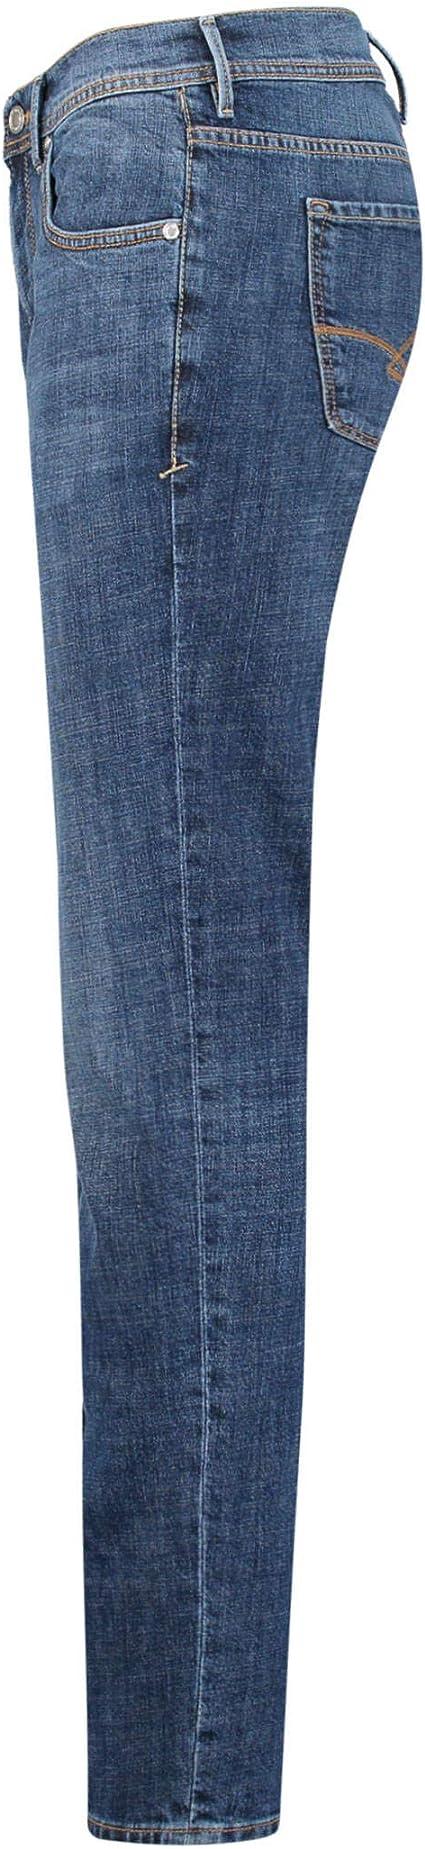 baldessarini jeans jack für herren 16501 680 01212